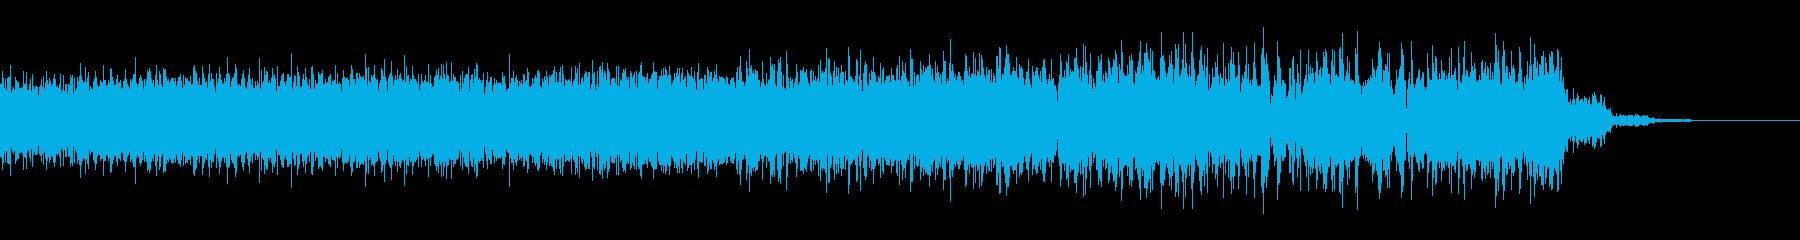 力を溜めるような音(チャージ/機械)の再生済みの波形